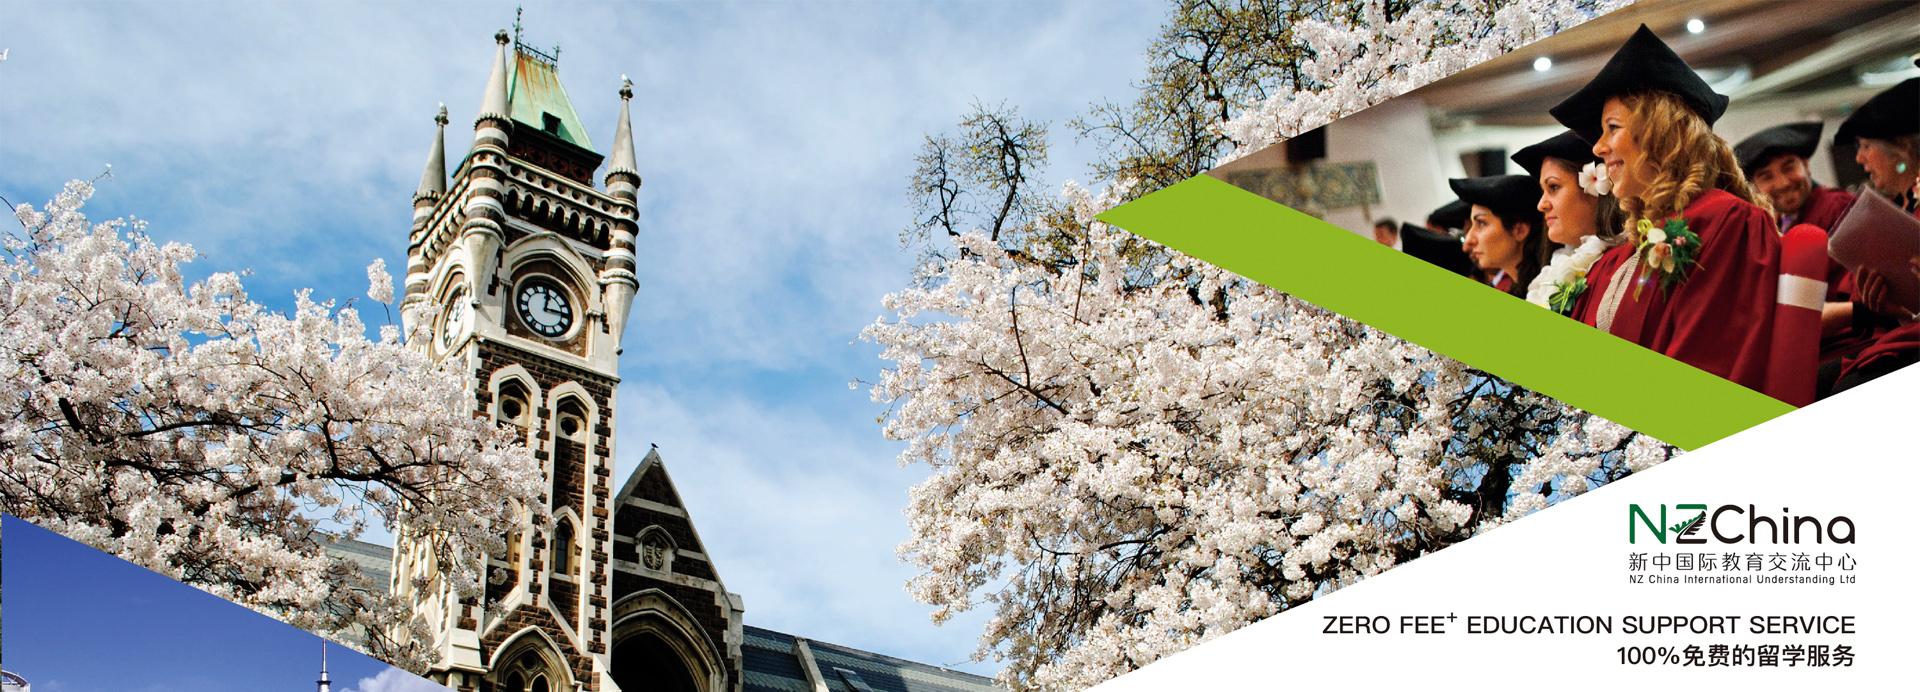 新中国际 免费留学服务